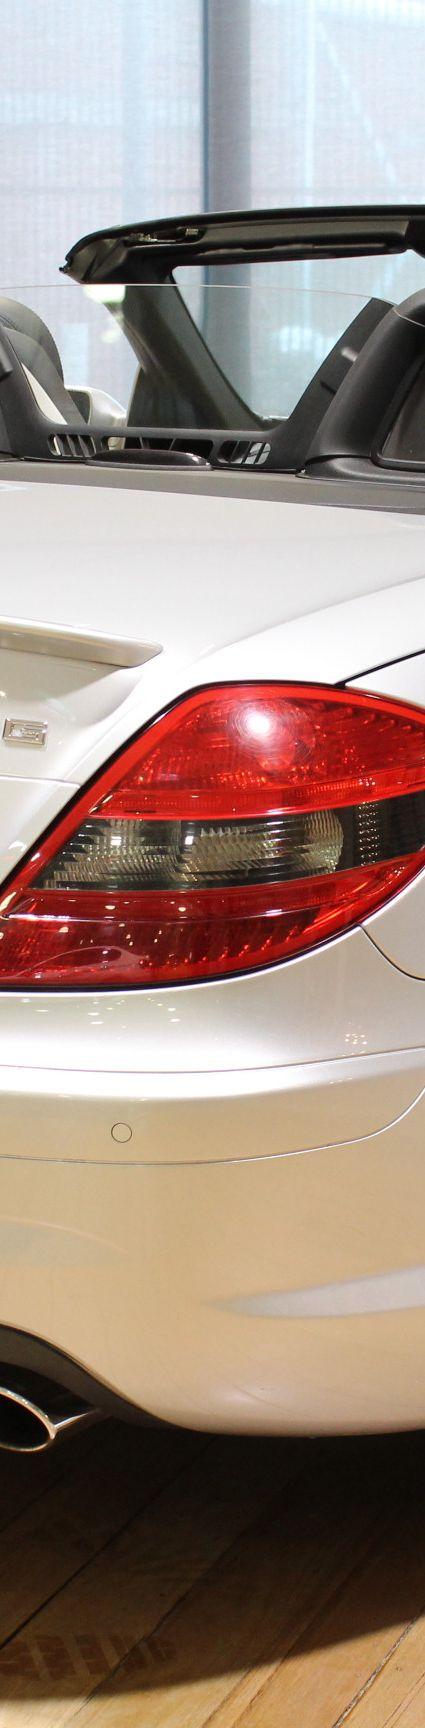 2006 Mercedes-Benz SLK55 R171 Roadster 2dr Auto 7sp 5.5i - for sale in Australia